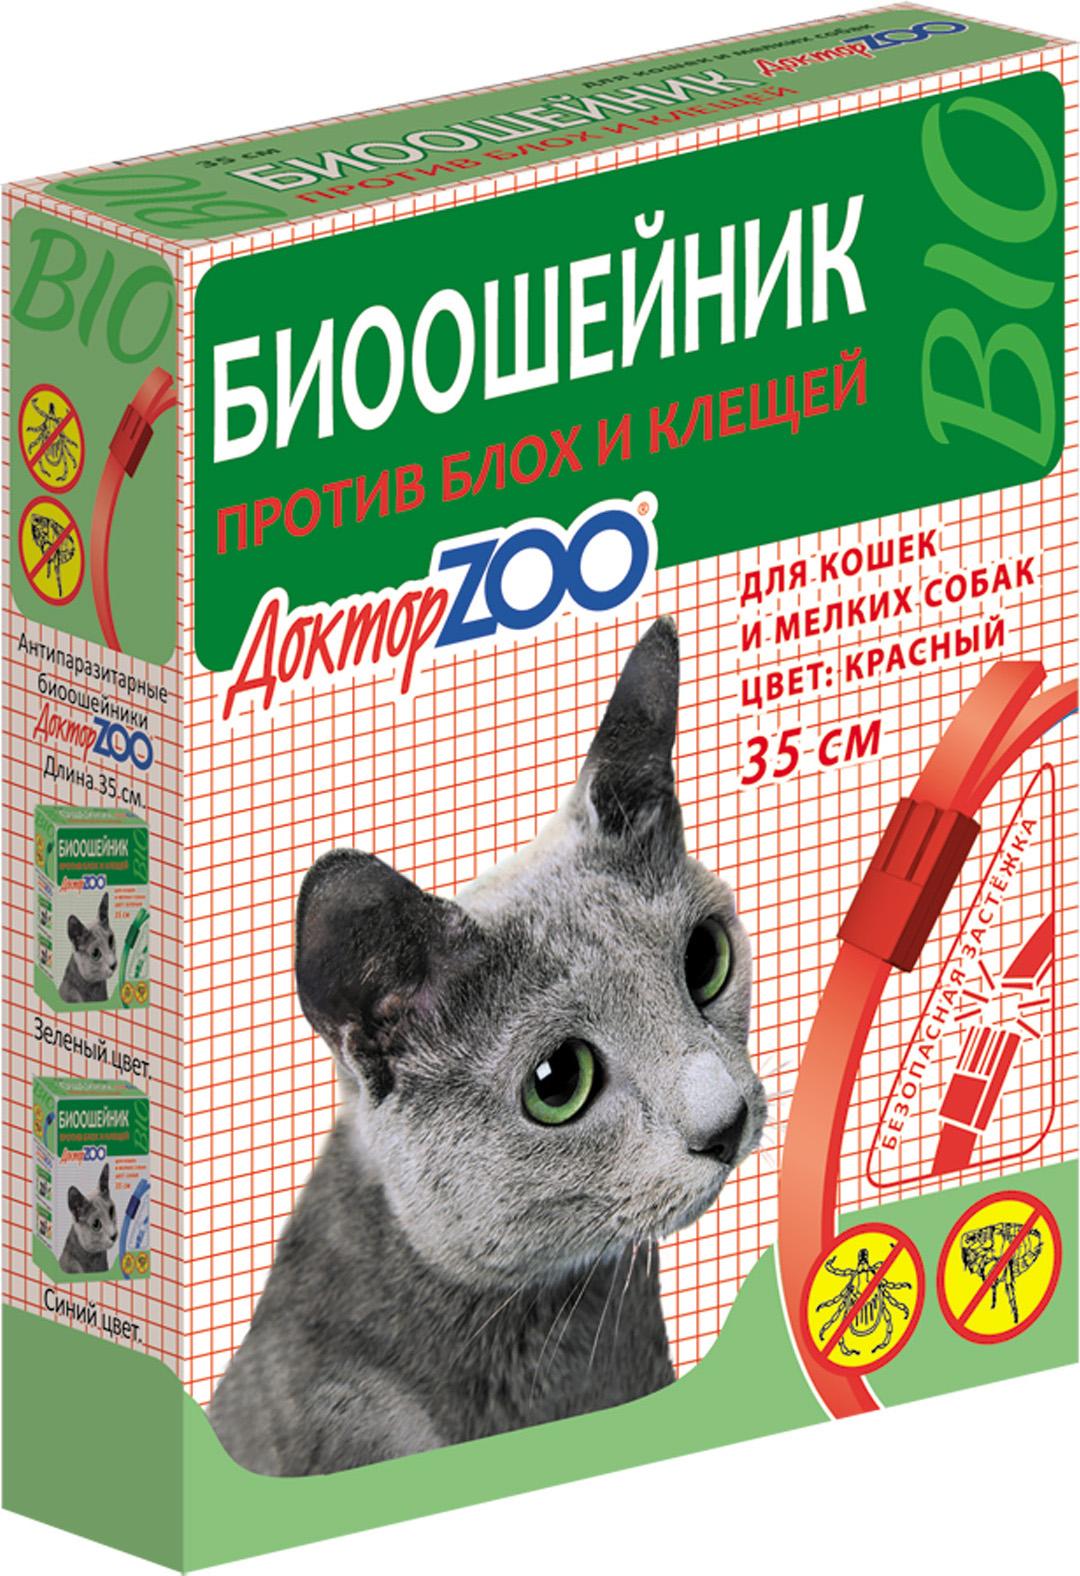 БИОошейник Доктор ZOO для кошек и собак, от блох и клещей, красный, 35 см доктор zoo витамины оптом в нижнем новгороде